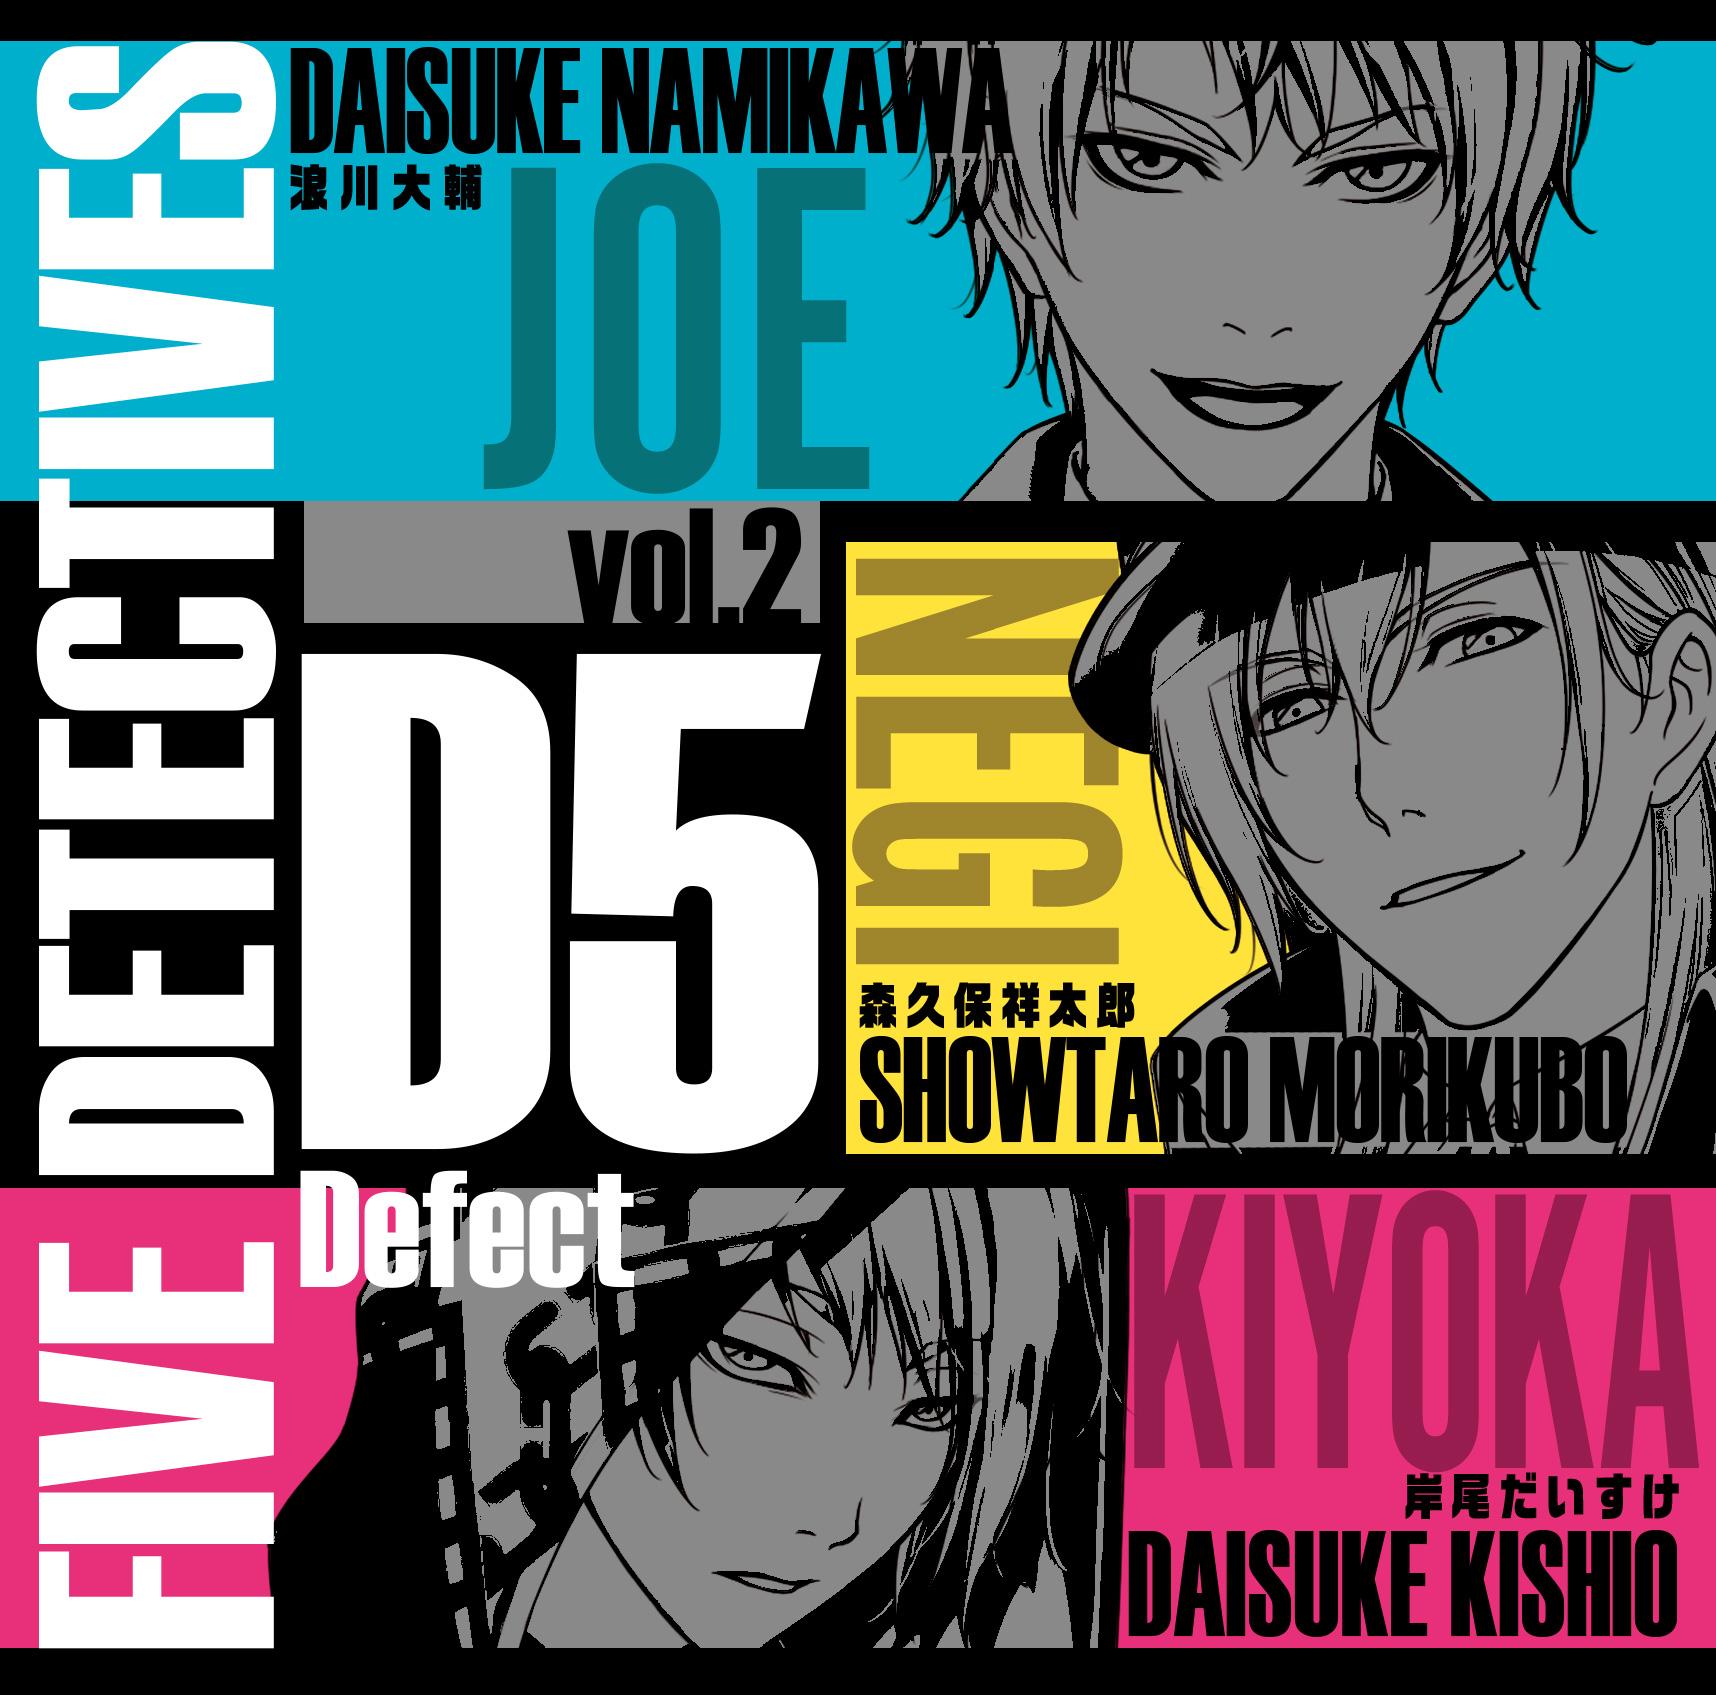 緑川光ら豪華声優陣出演の『D5 5人の探偵ドラマCD vol.2 Defect』が発売決定